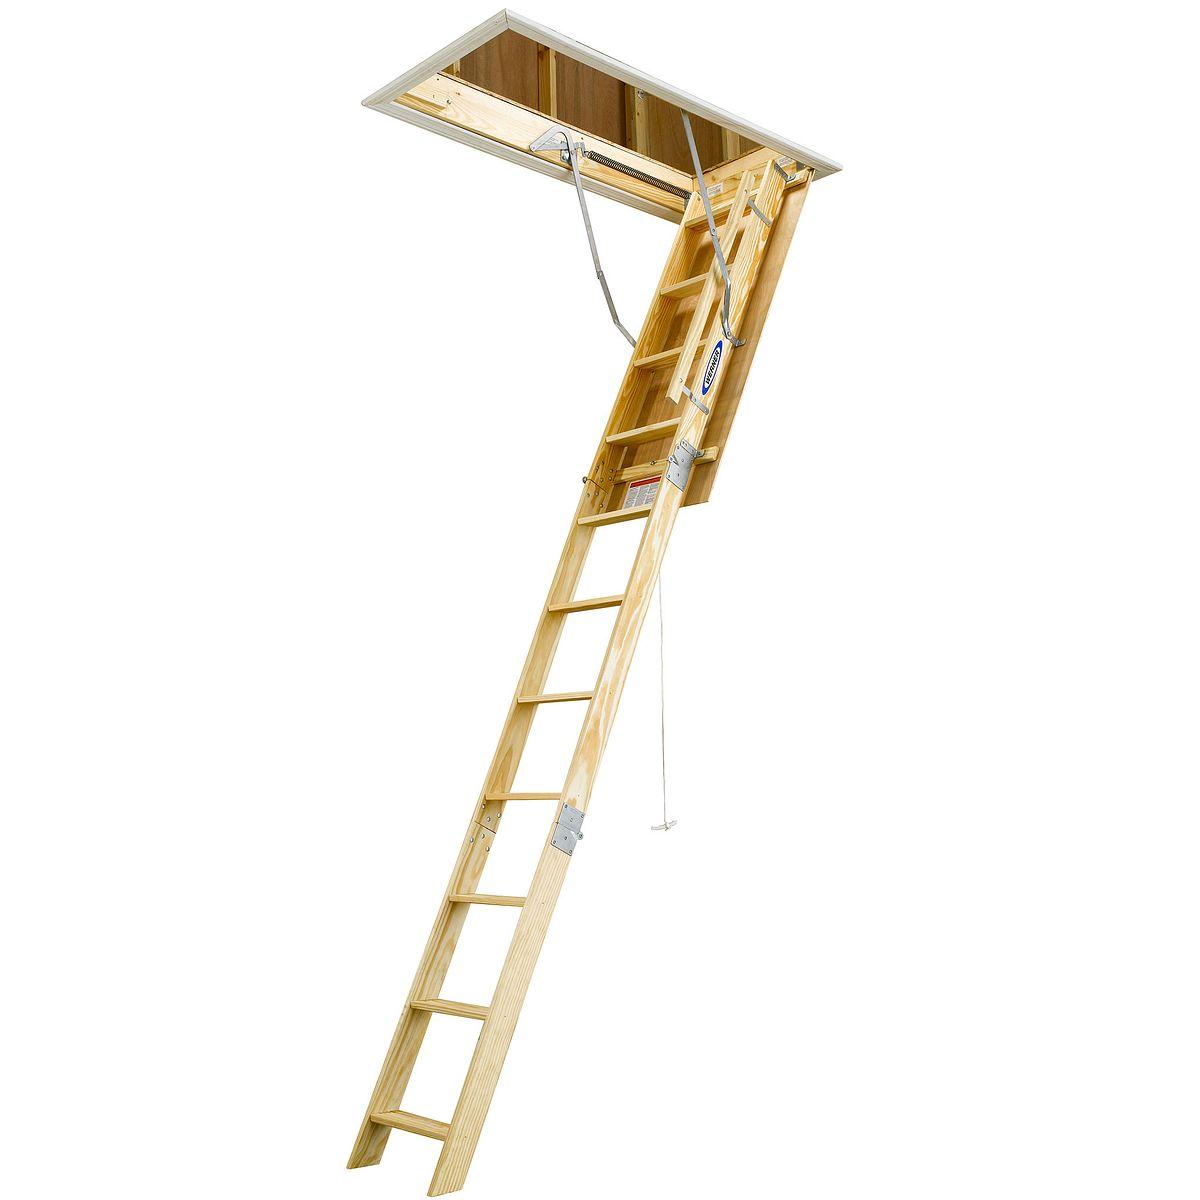 W2210 Attic Ladders Werner Us